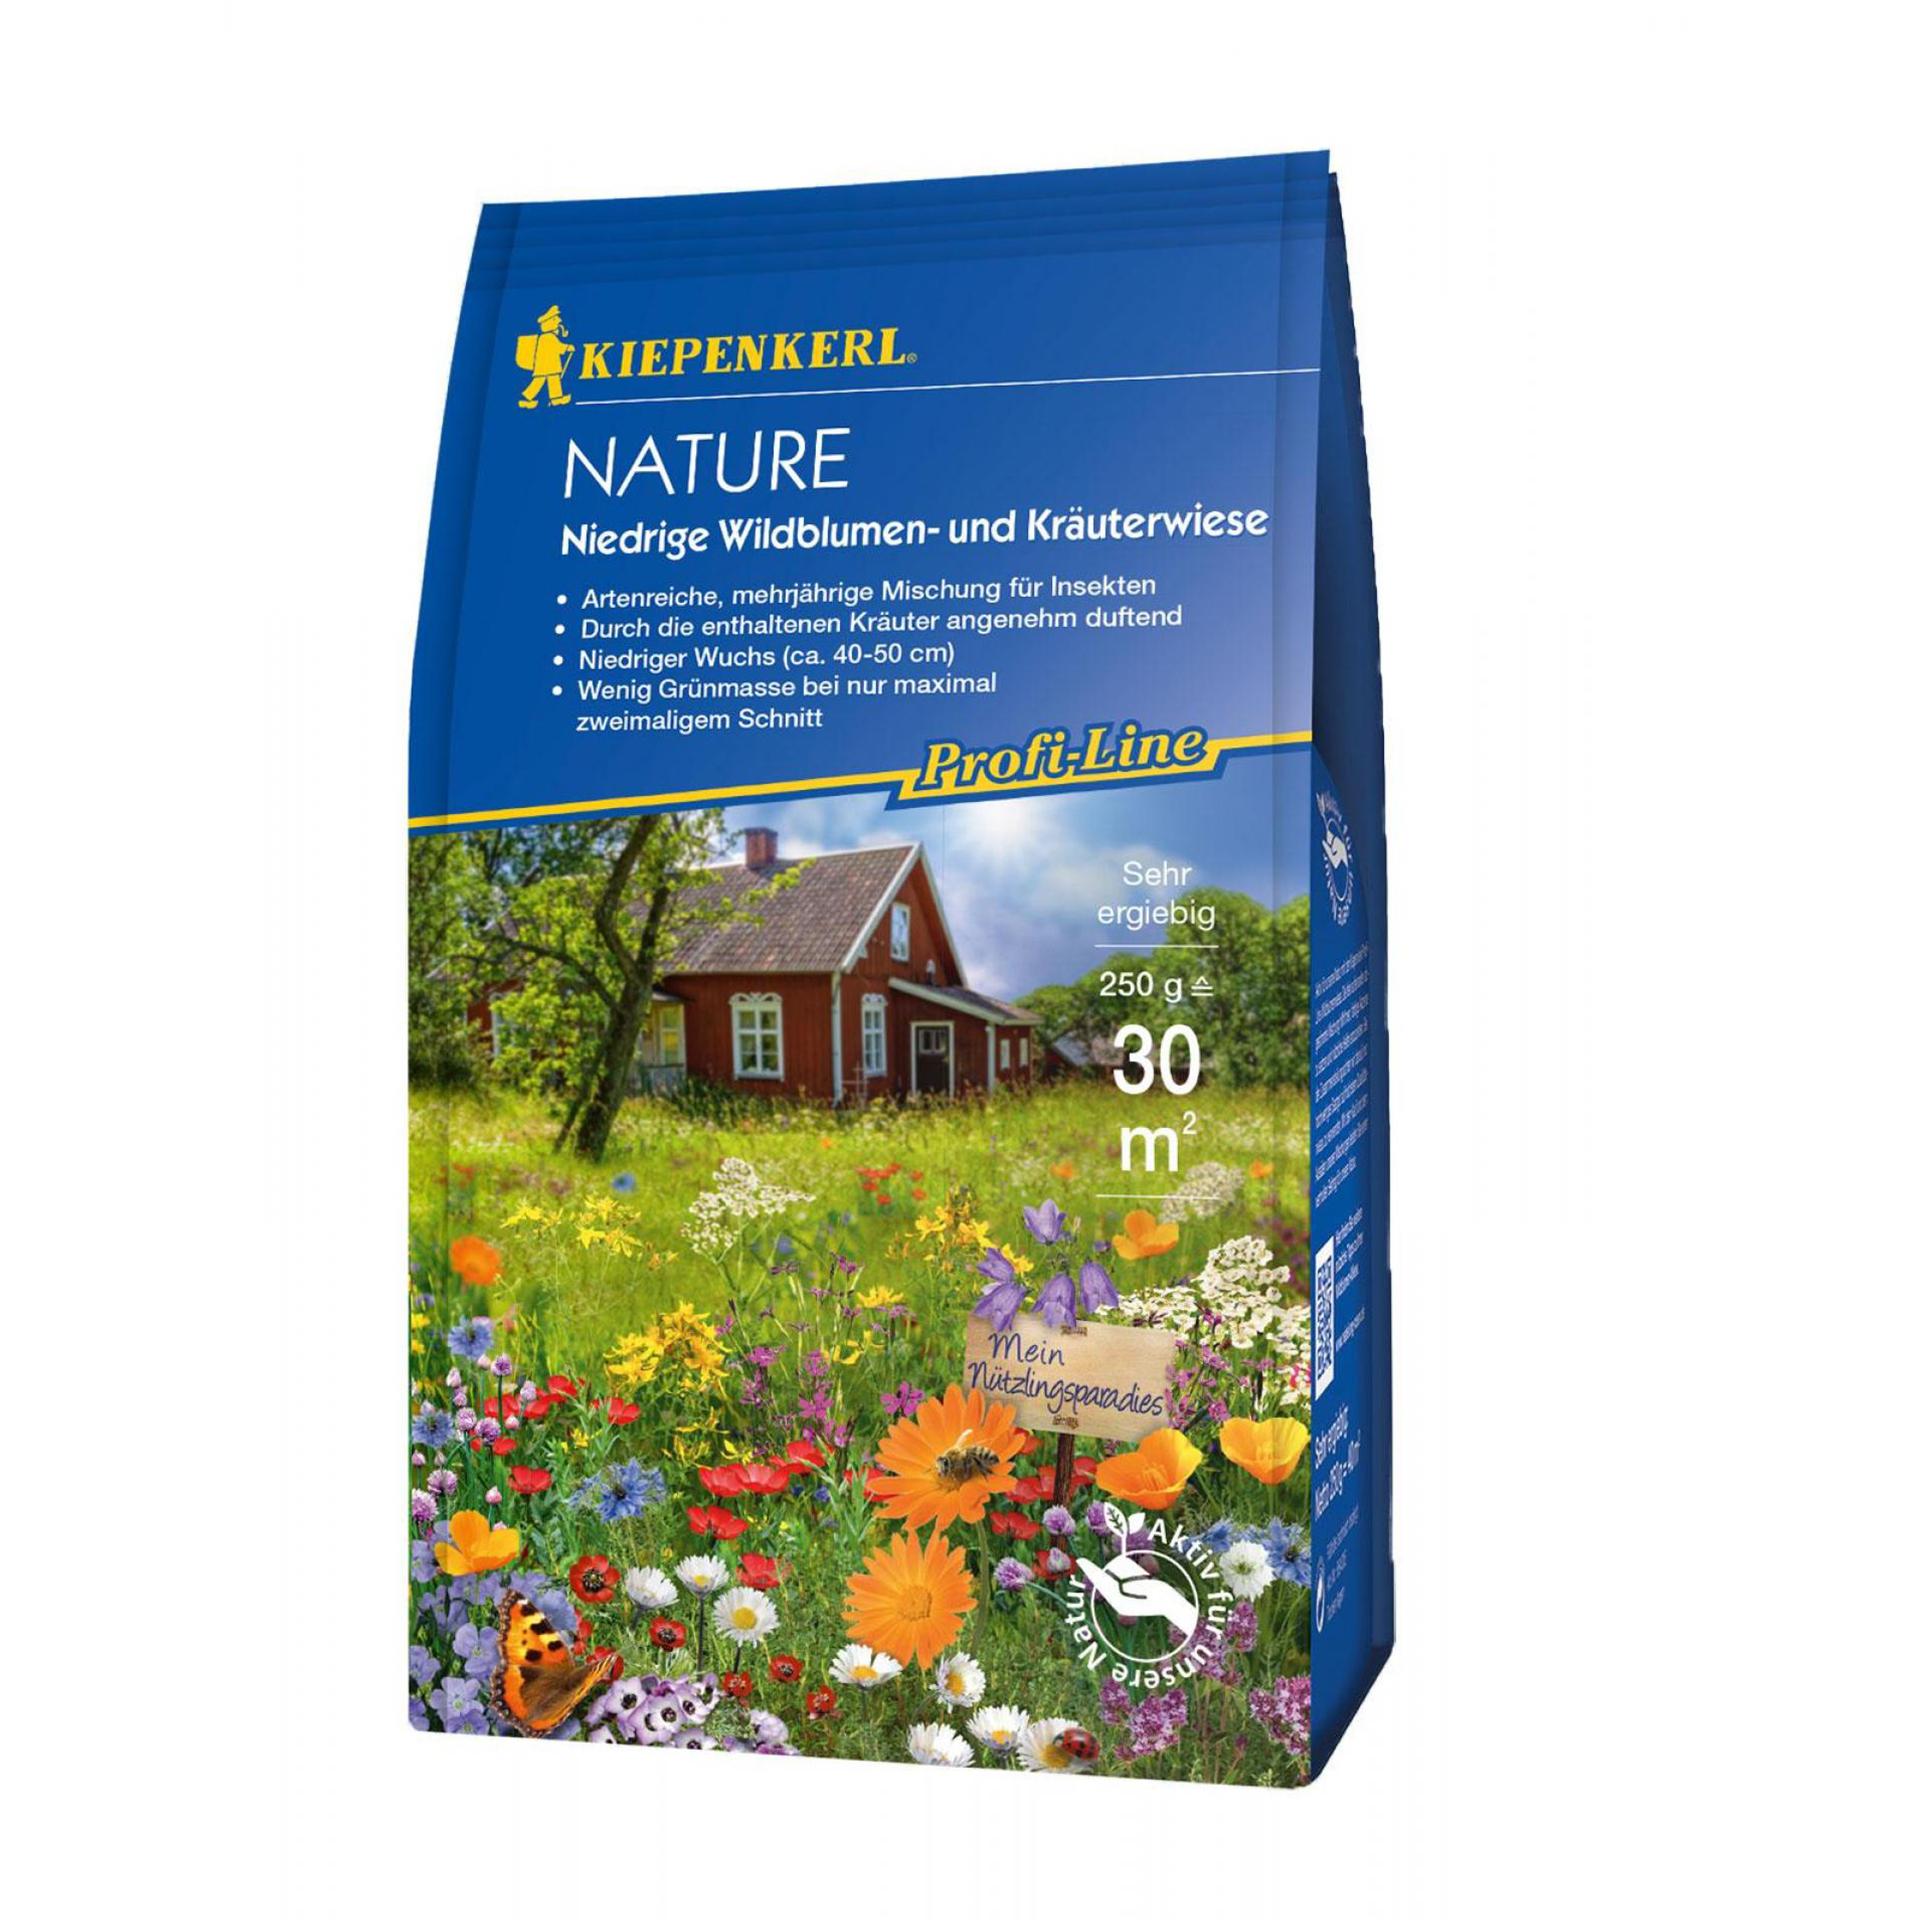 Niedrige Wildblumen- und Kräuterwiese Nature